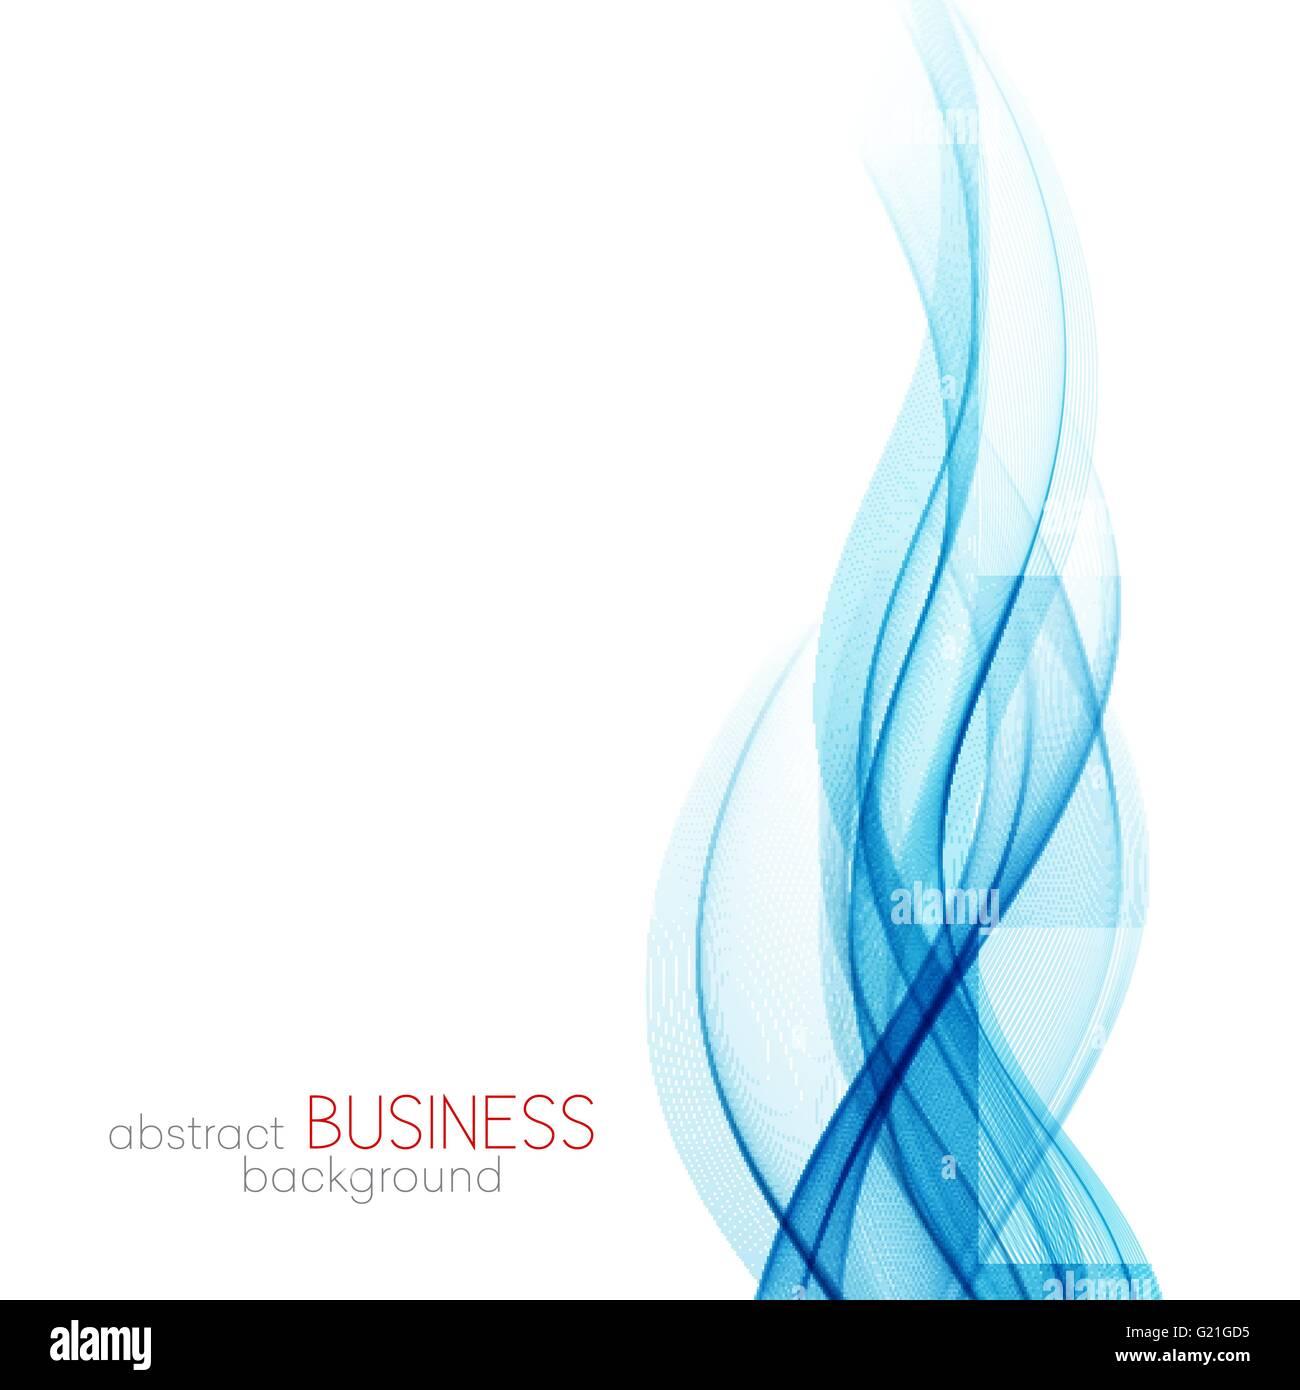 Vettore Astratto Sfondo Blu Trasparente Linee Ondulata Per Brochure